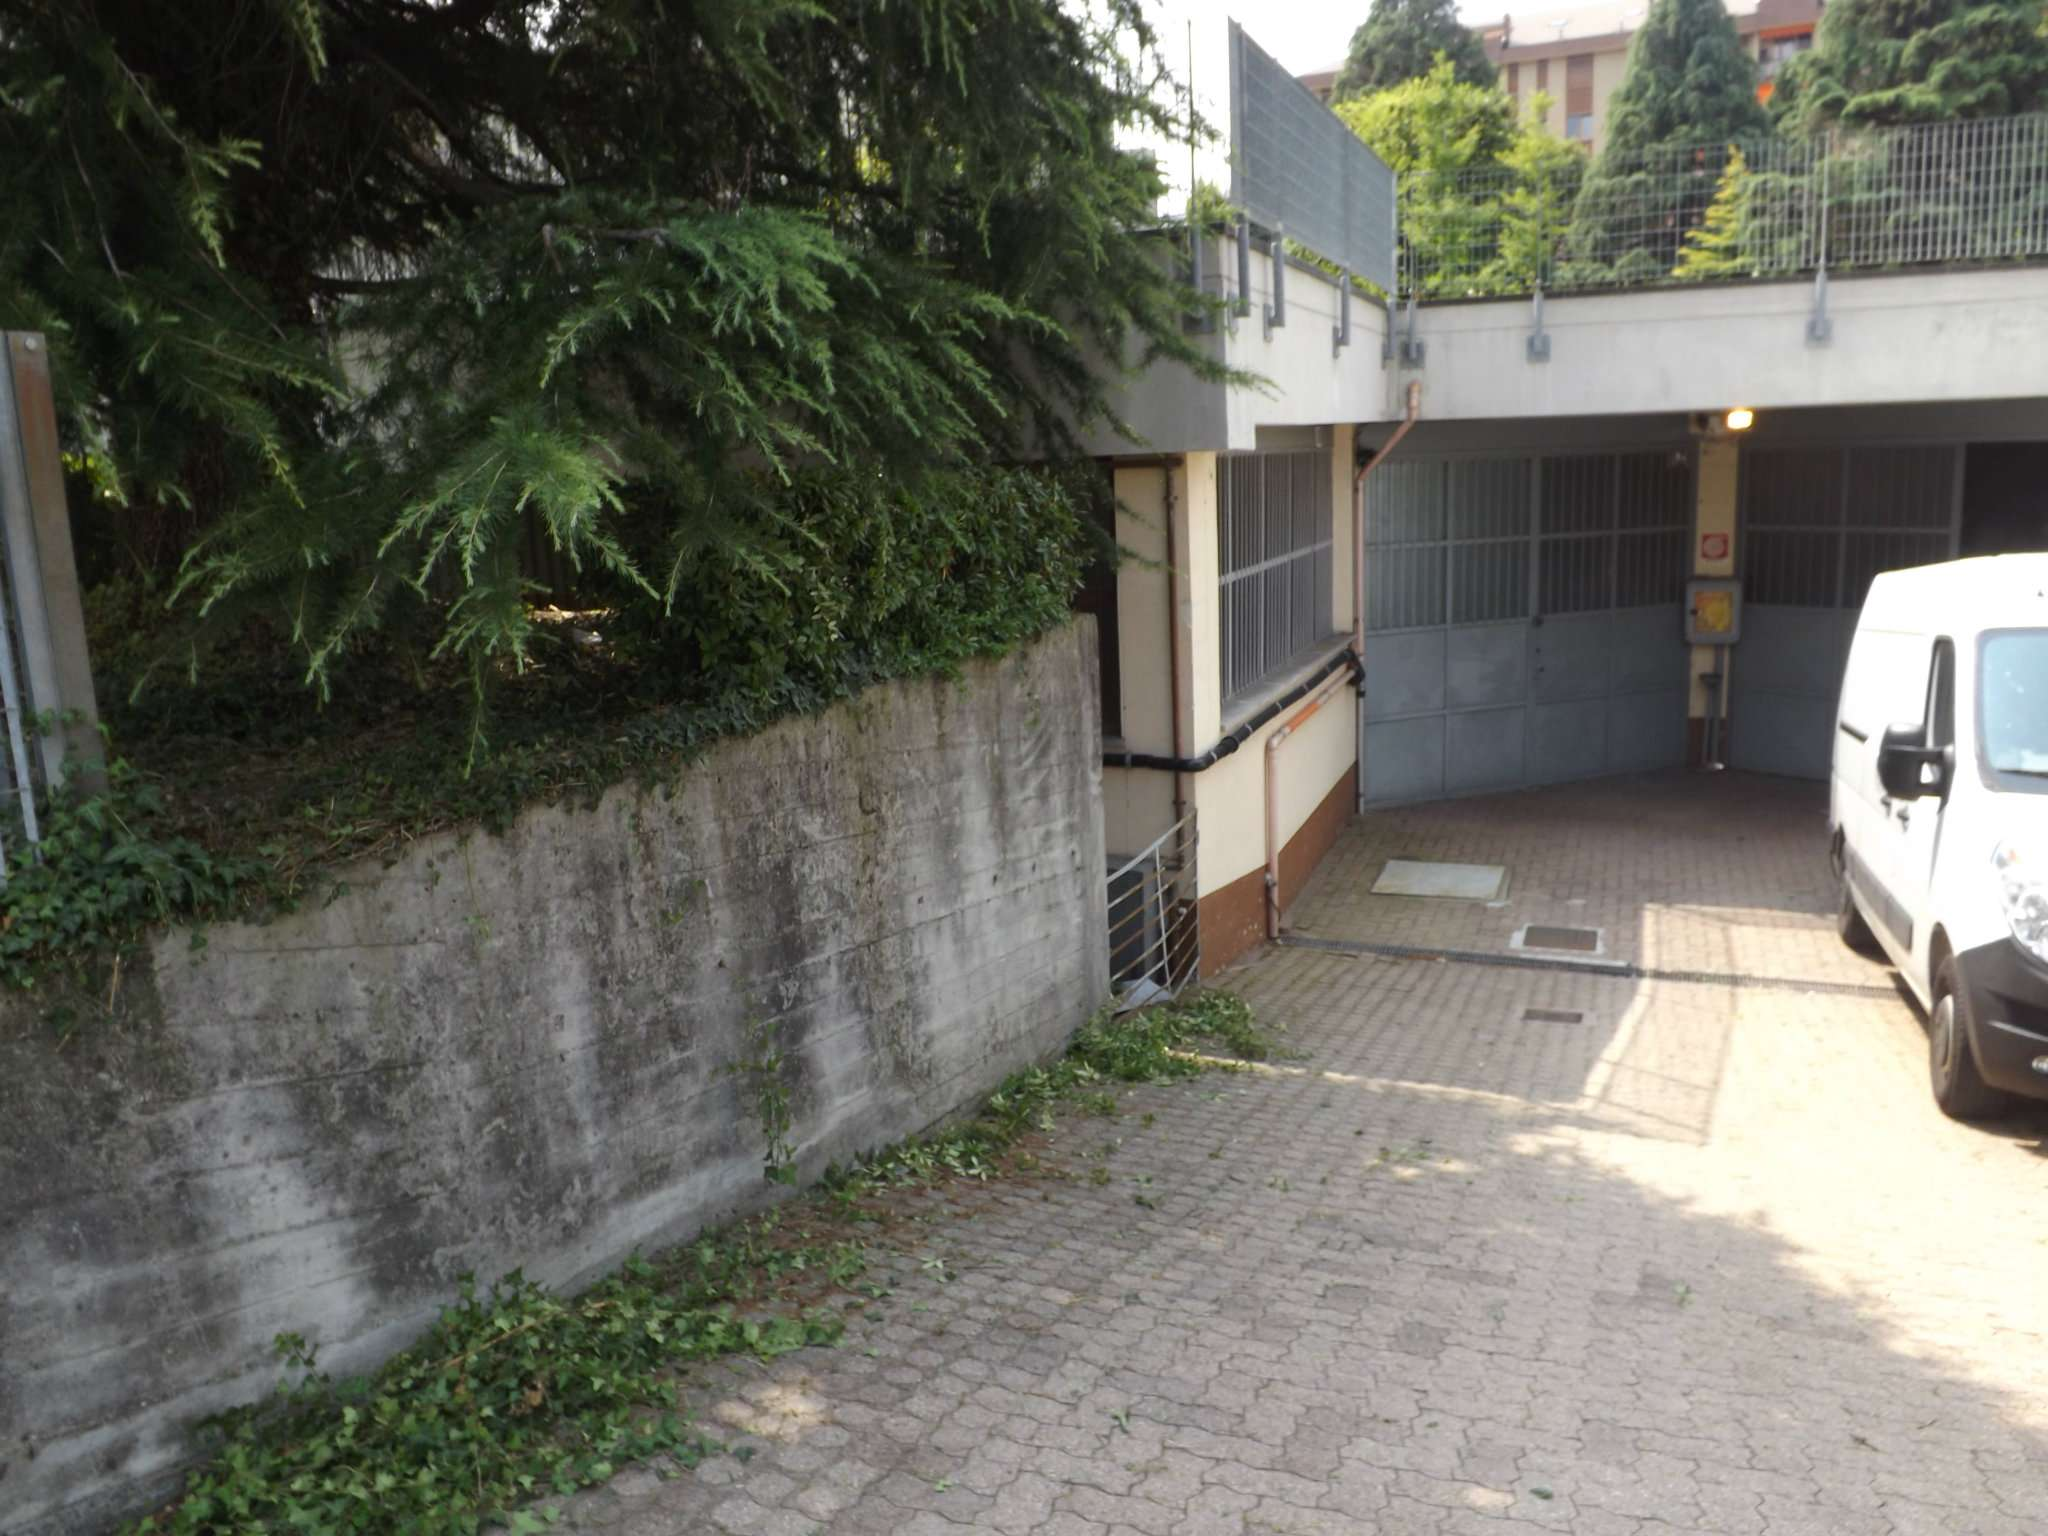 Magazzino/Laboratorio in affitto via Mongioie 13 Rivoli